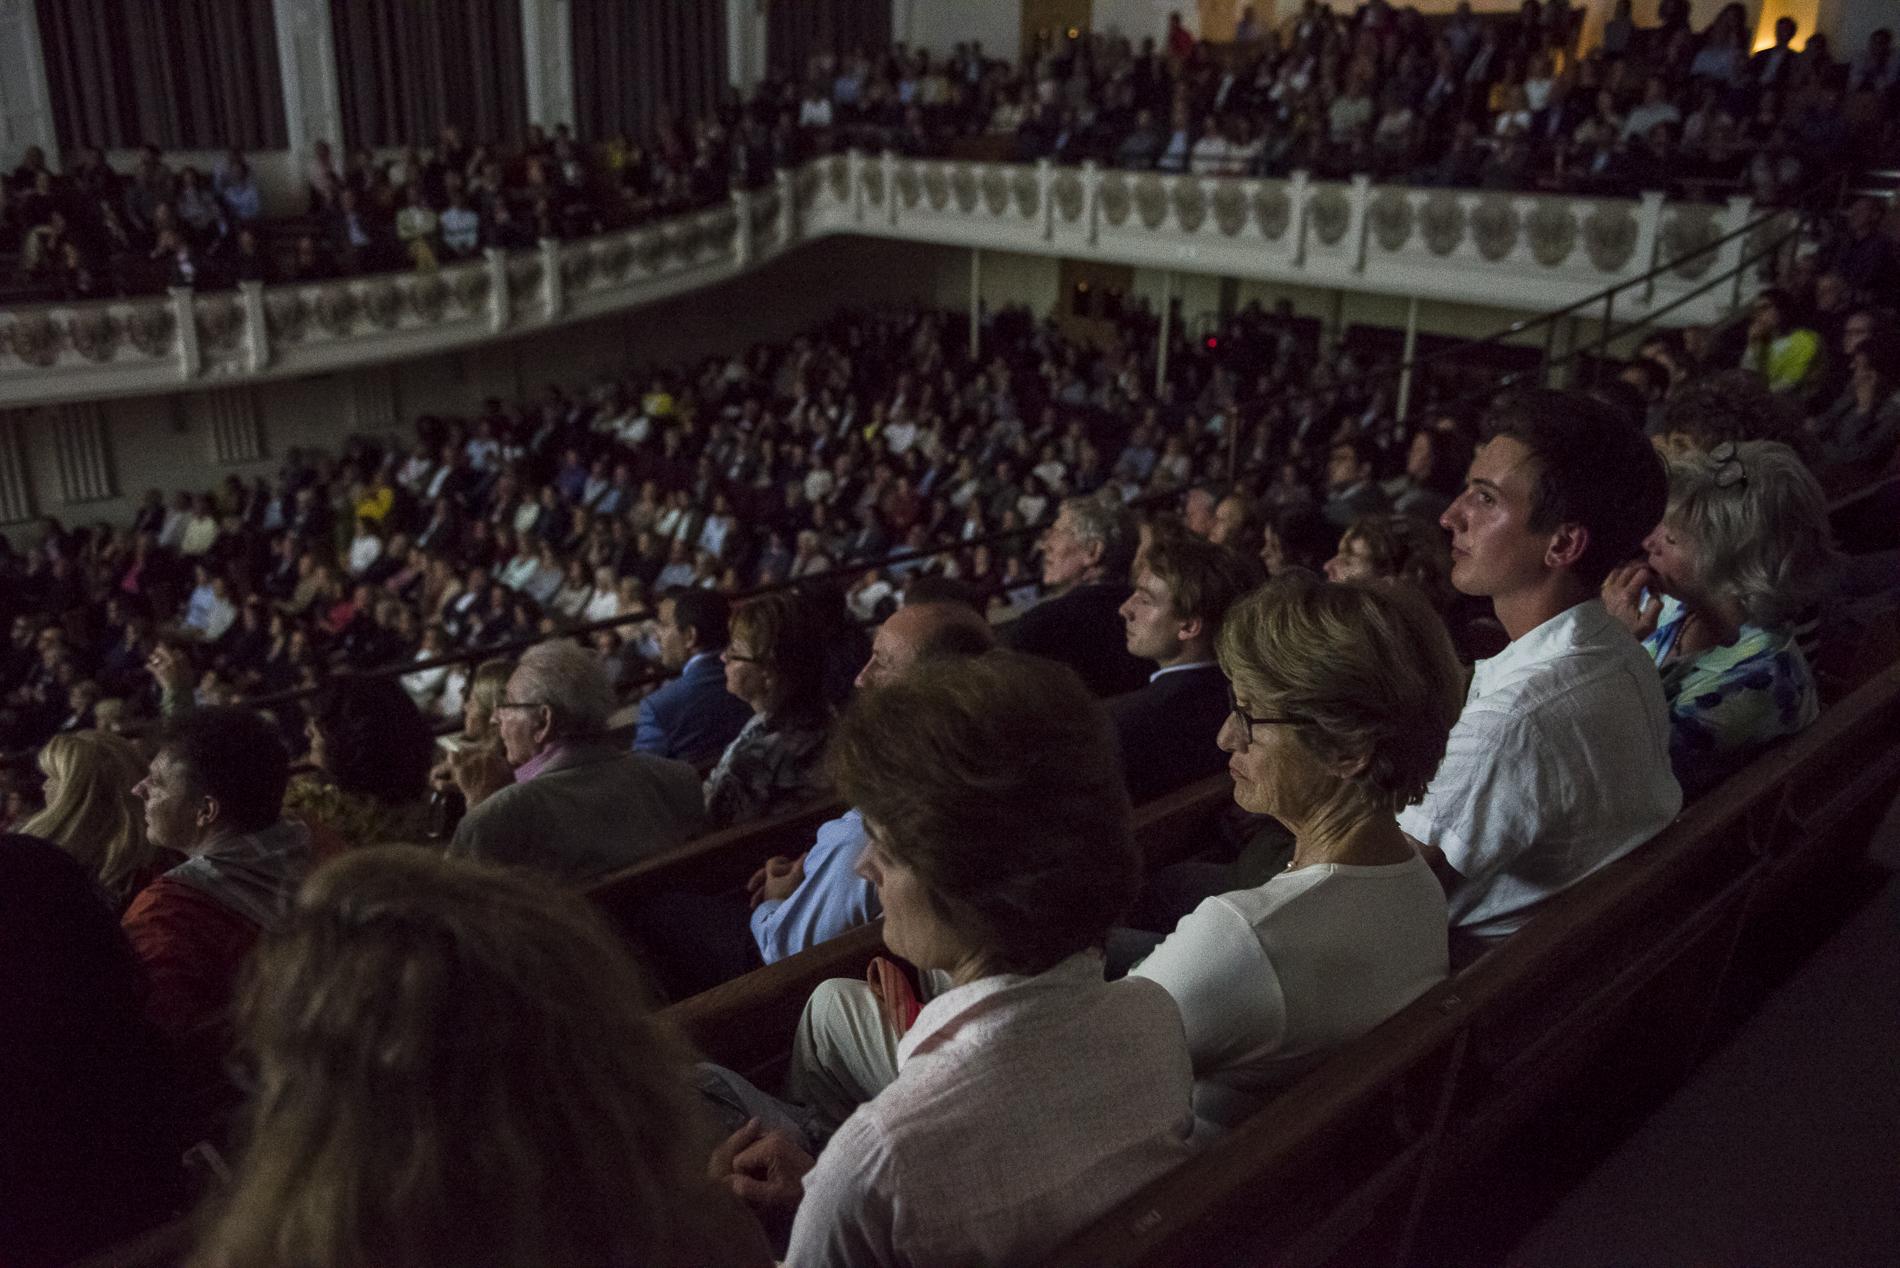 L'audience du Cadogan Hall, le 4 juin 2018, lors de la représentation de la pièce de Bernard-Henri Lévy, Last Exit Before Brexit, à Londres.